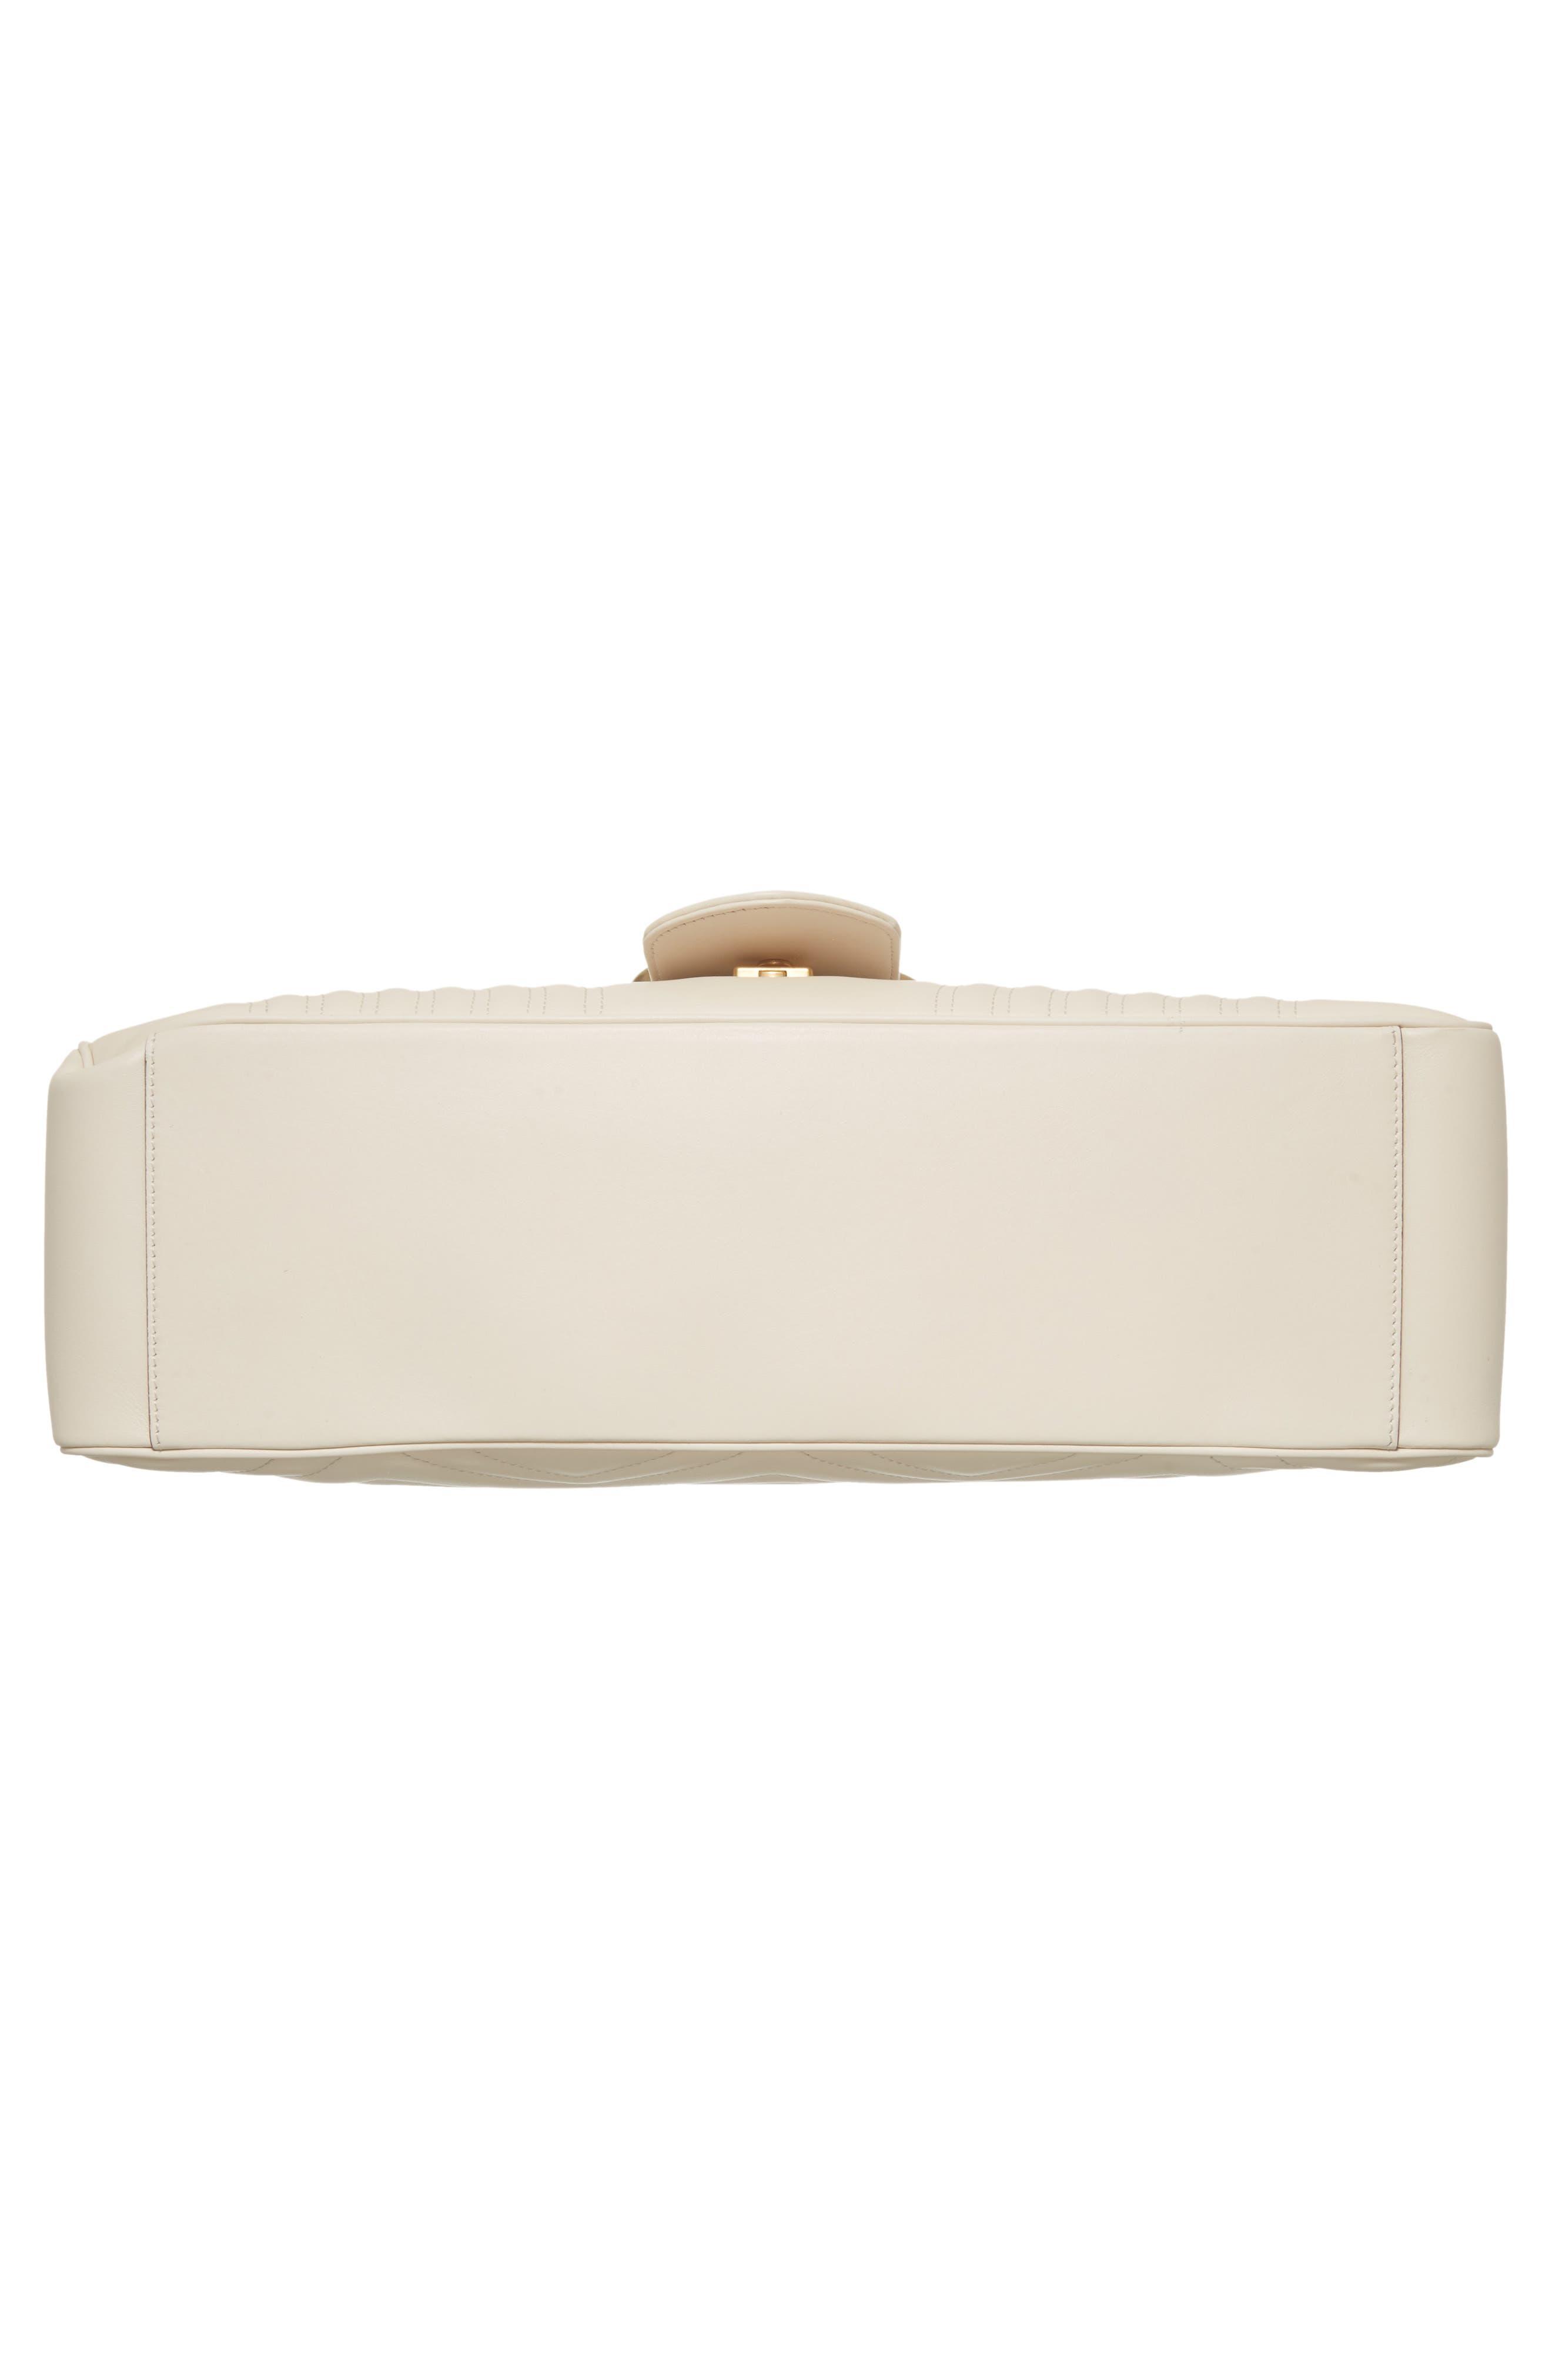 GG Marmont Maxi Matelassé Top Handle Shoulder Bag,                             Alternate thumbnail 6, color,                             White